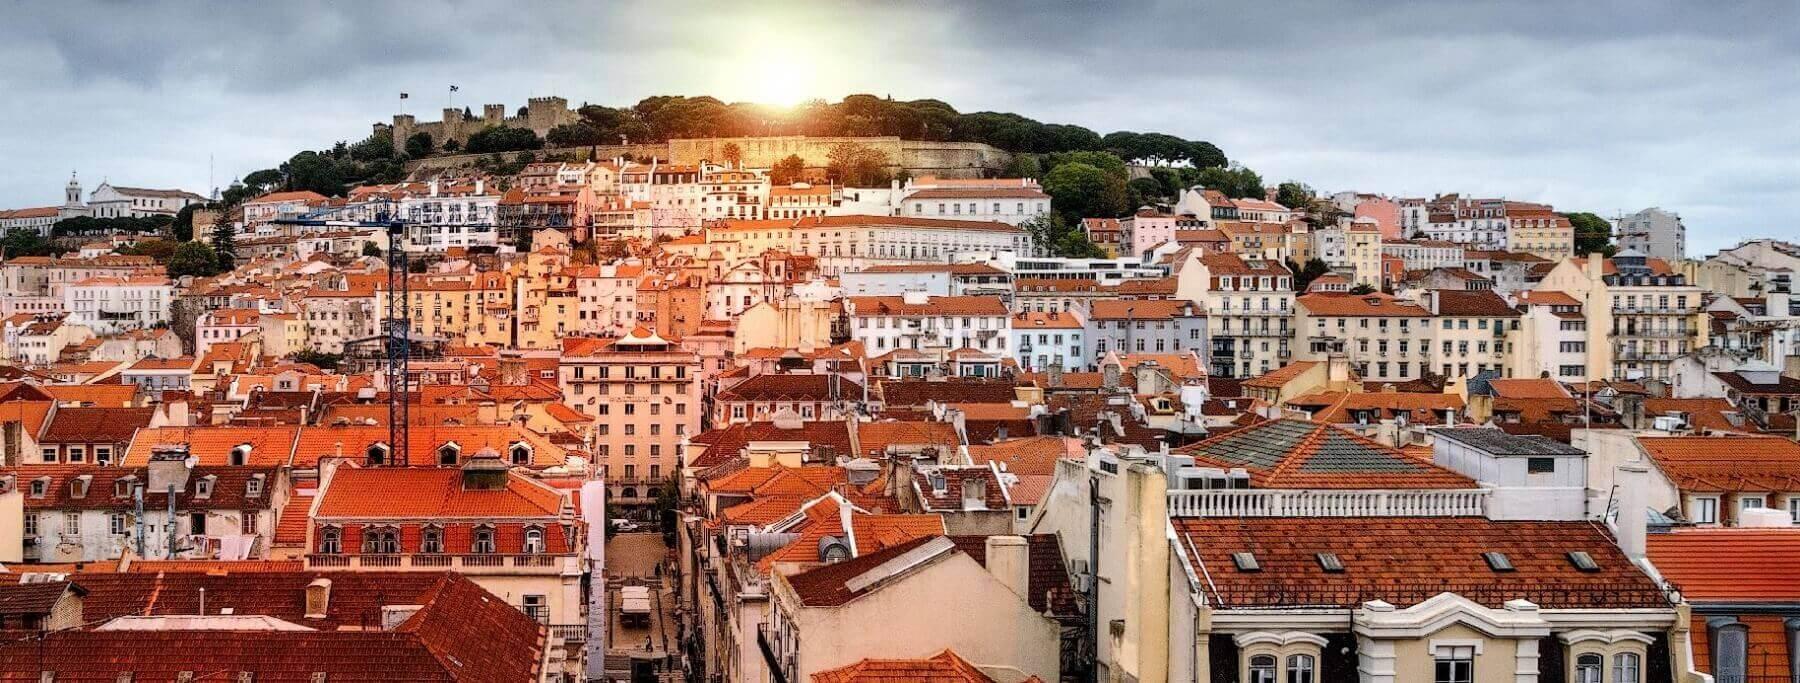 Lisbona - Prior Velho